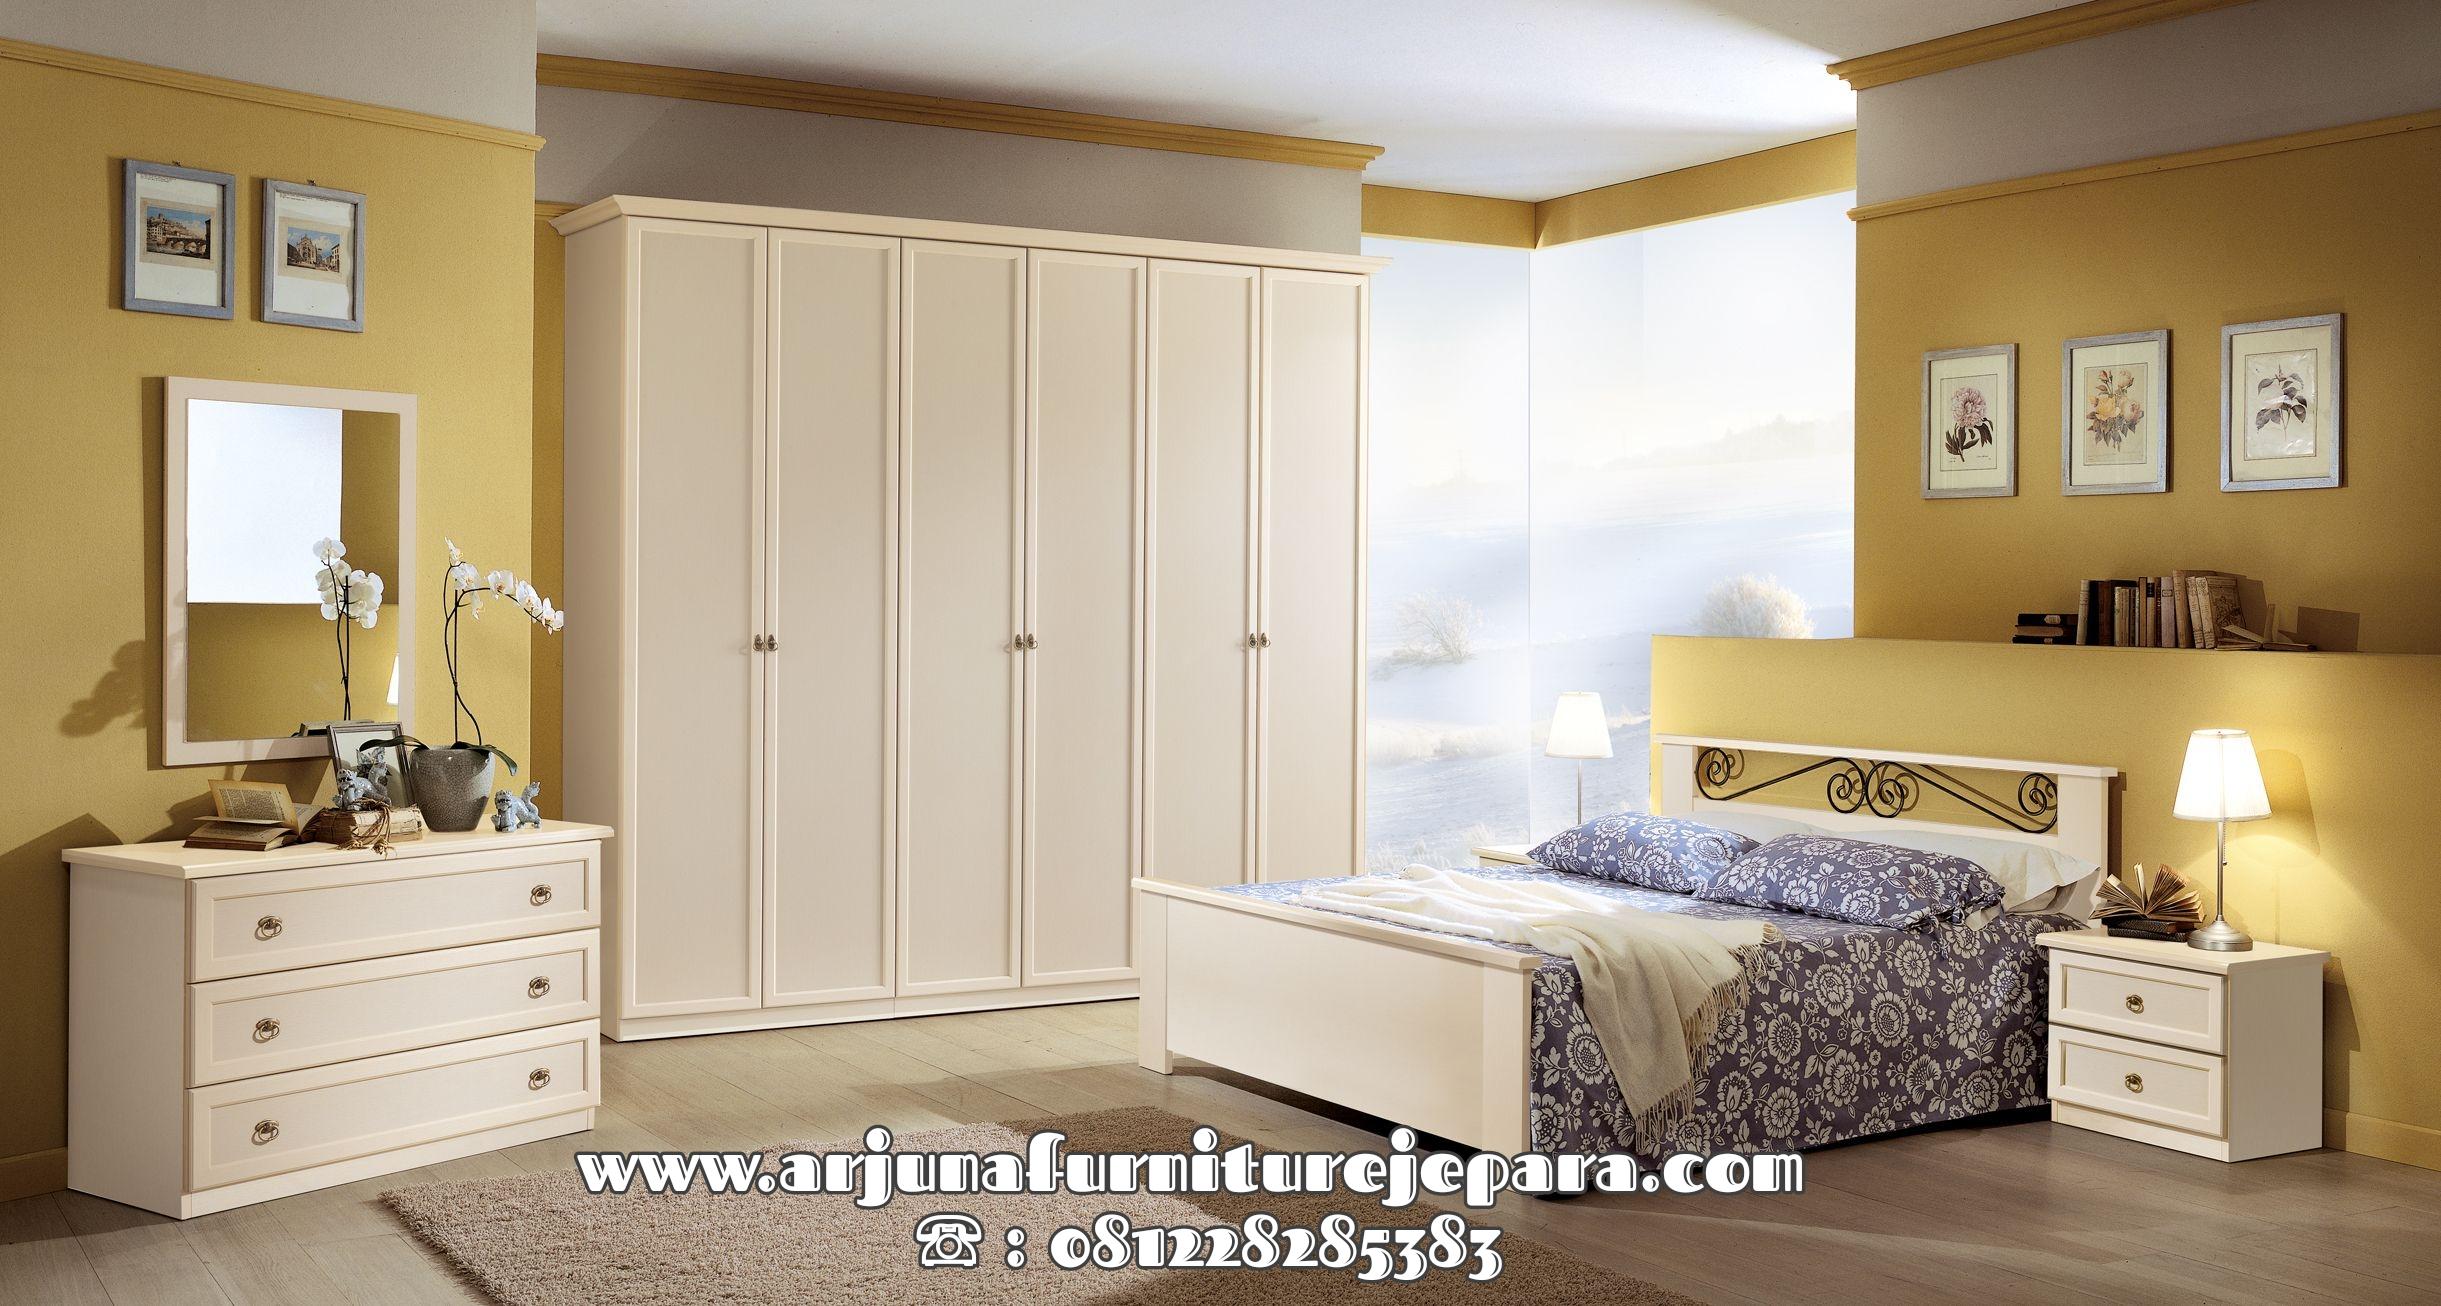 Set Tempat Tidur Minimalis Putih Duco Terbaru